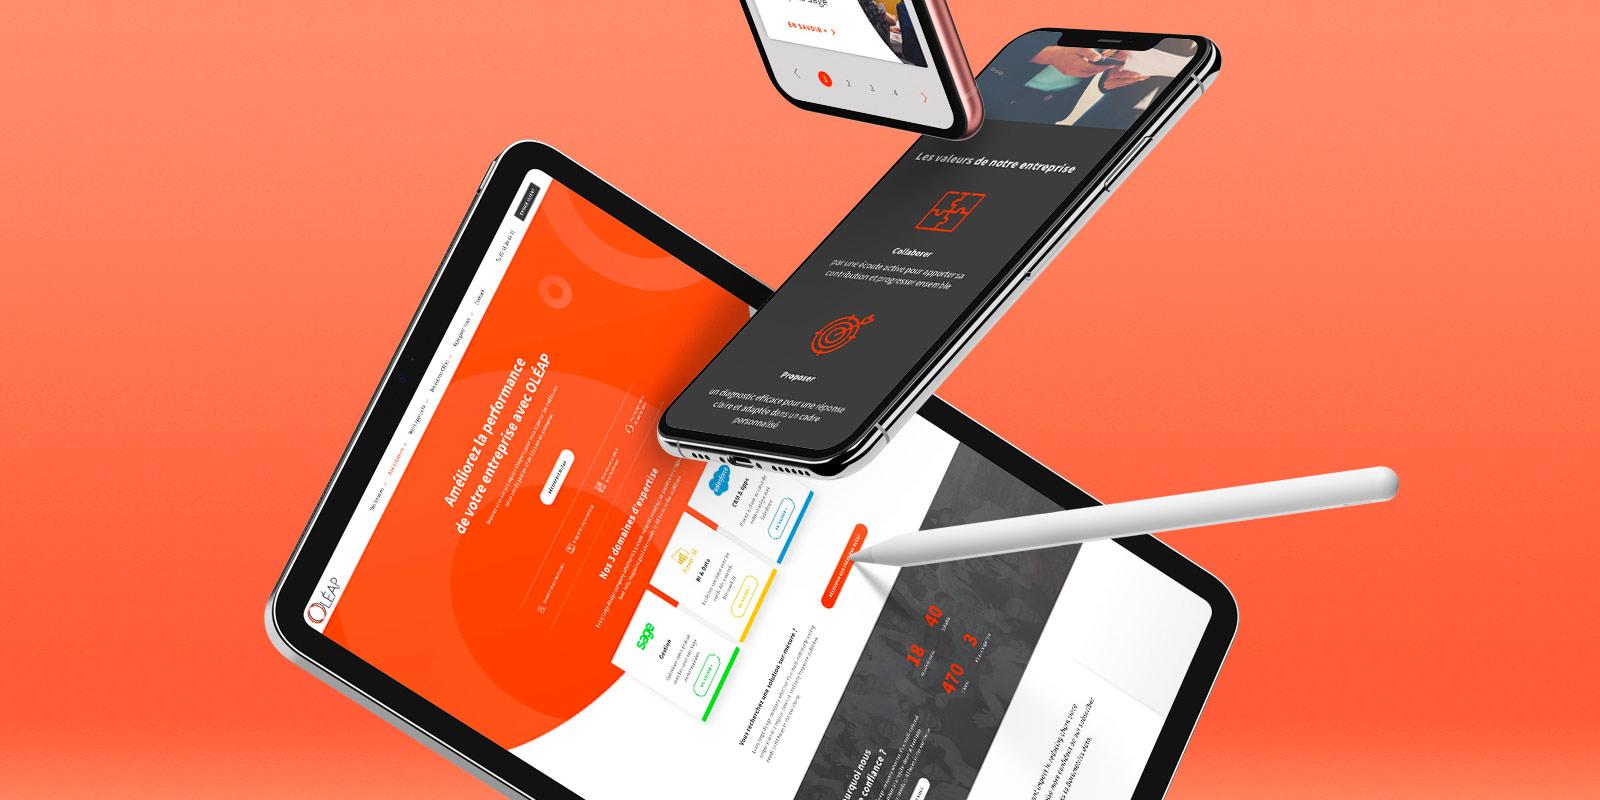 vignette oleap écrans site internet responsive